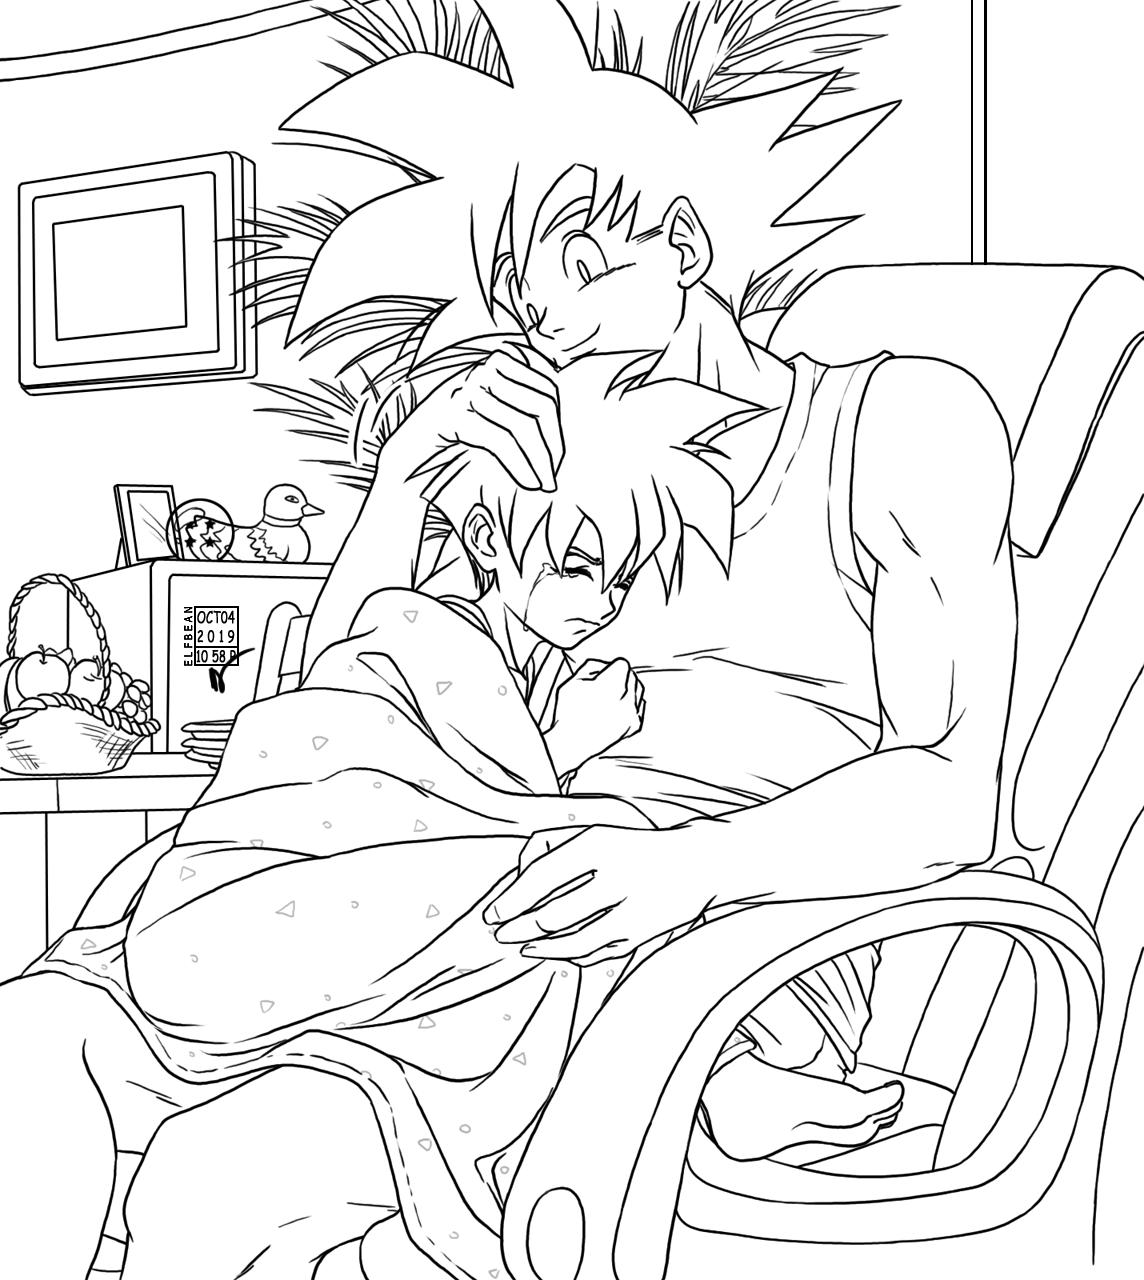 Goku And Gohan Bond A Bit Goku And Gohan Anime Dragon Ball Super Anime Dragon Ball